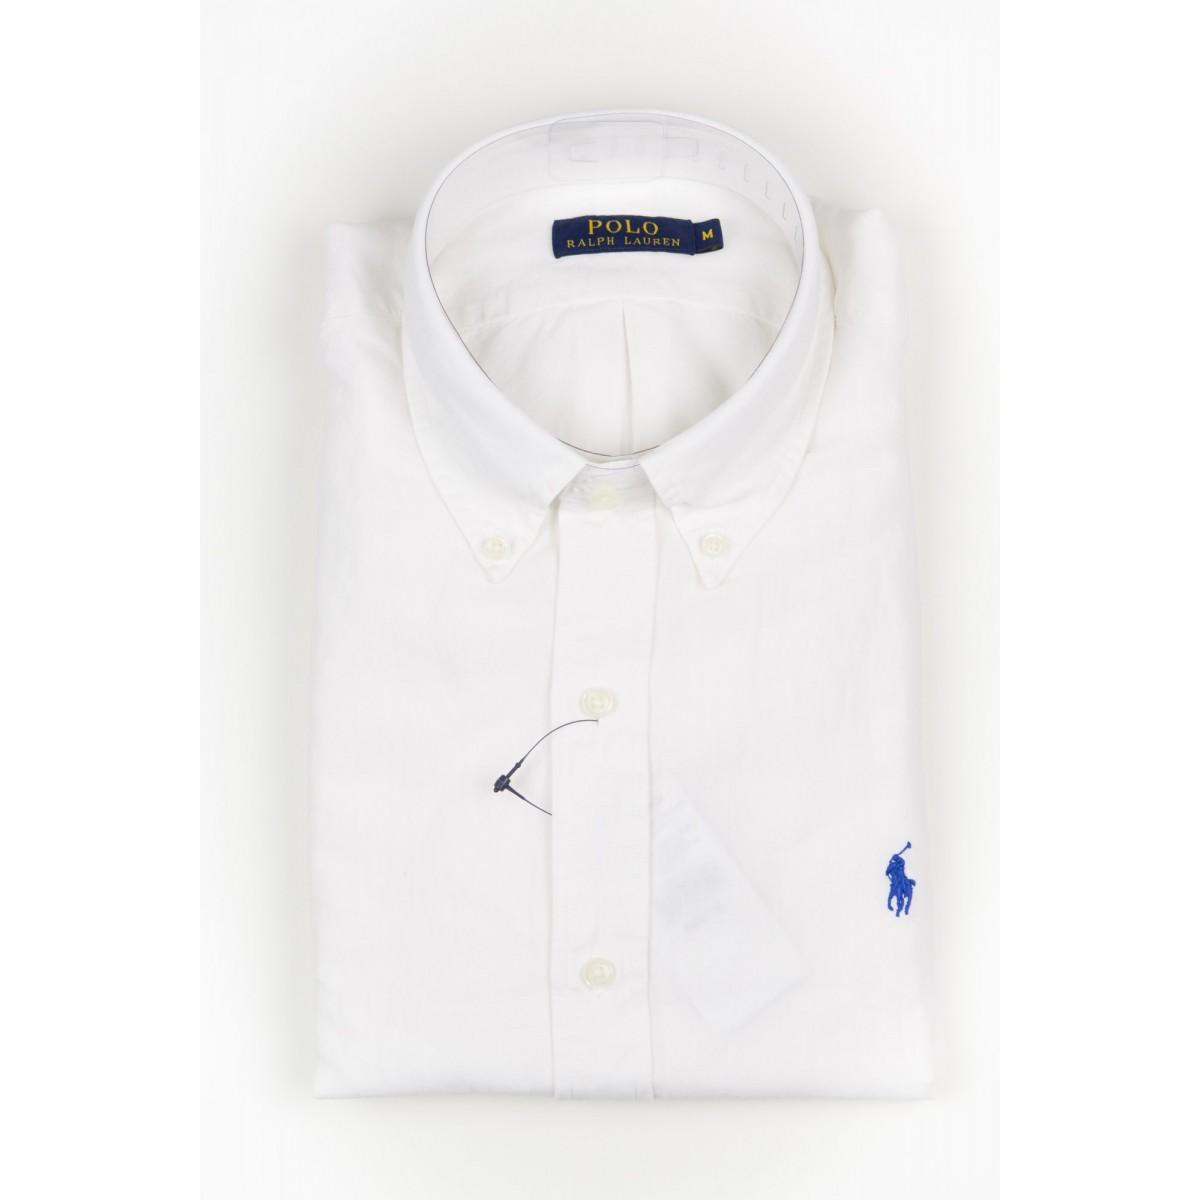 Camicia uomo Ralph lauren - A04wbdplltime A1000 Bianco